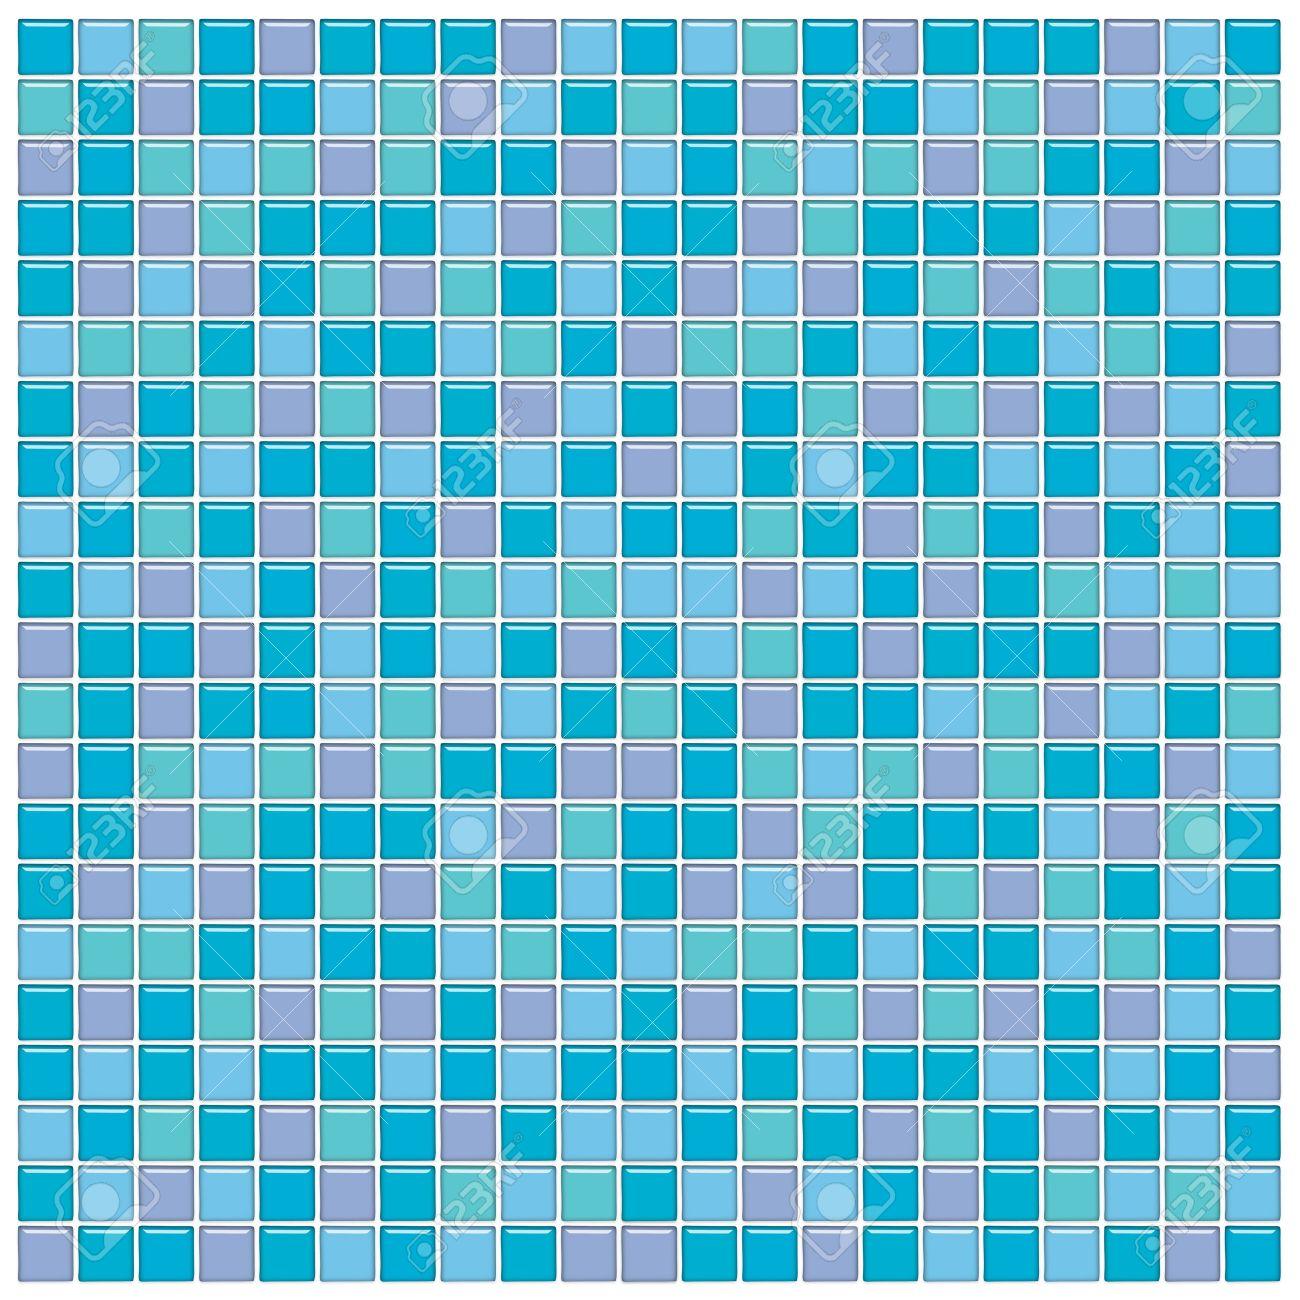 Wand Des Badezimmers Mit Blau, Grün Und Lila Glas Mosaik Fliesen  Lizenzfreie Bilder